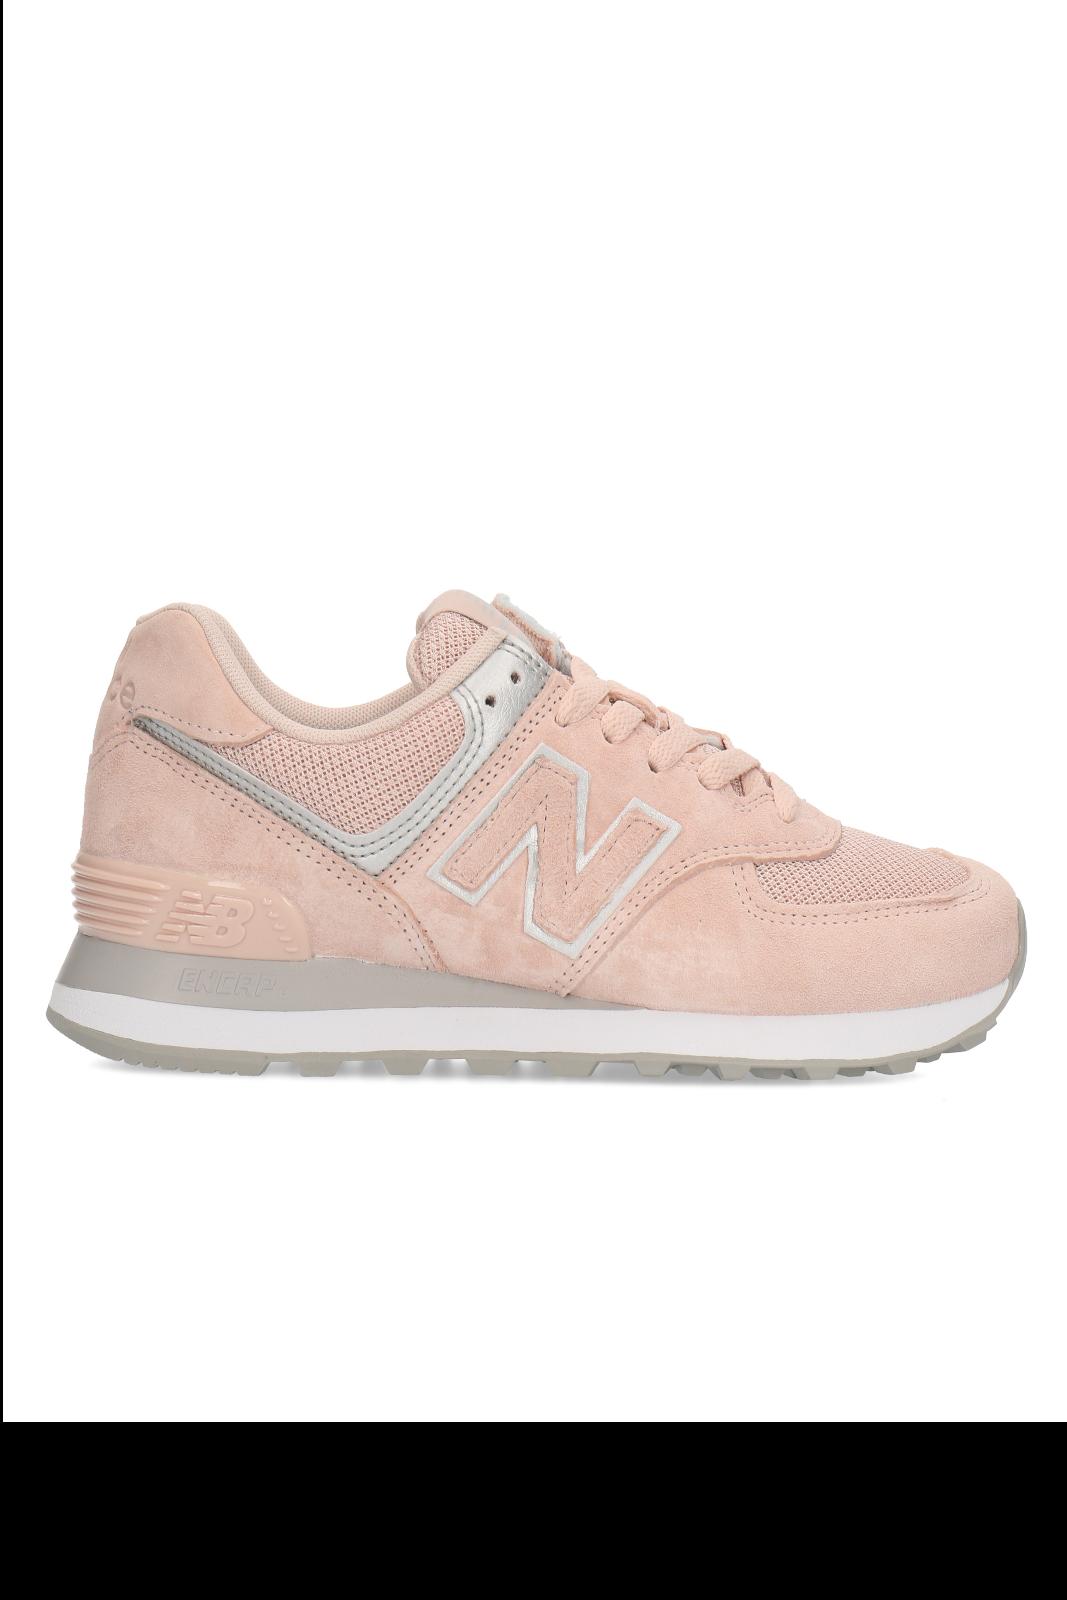 Una sneaker pratica e versatile, il modello 574 di New Balance. Proposta in un delicato colore rosa pastello, per un look chic e femminile, completerà perfettamente outfit da tutti i giorni, semplici e curati.